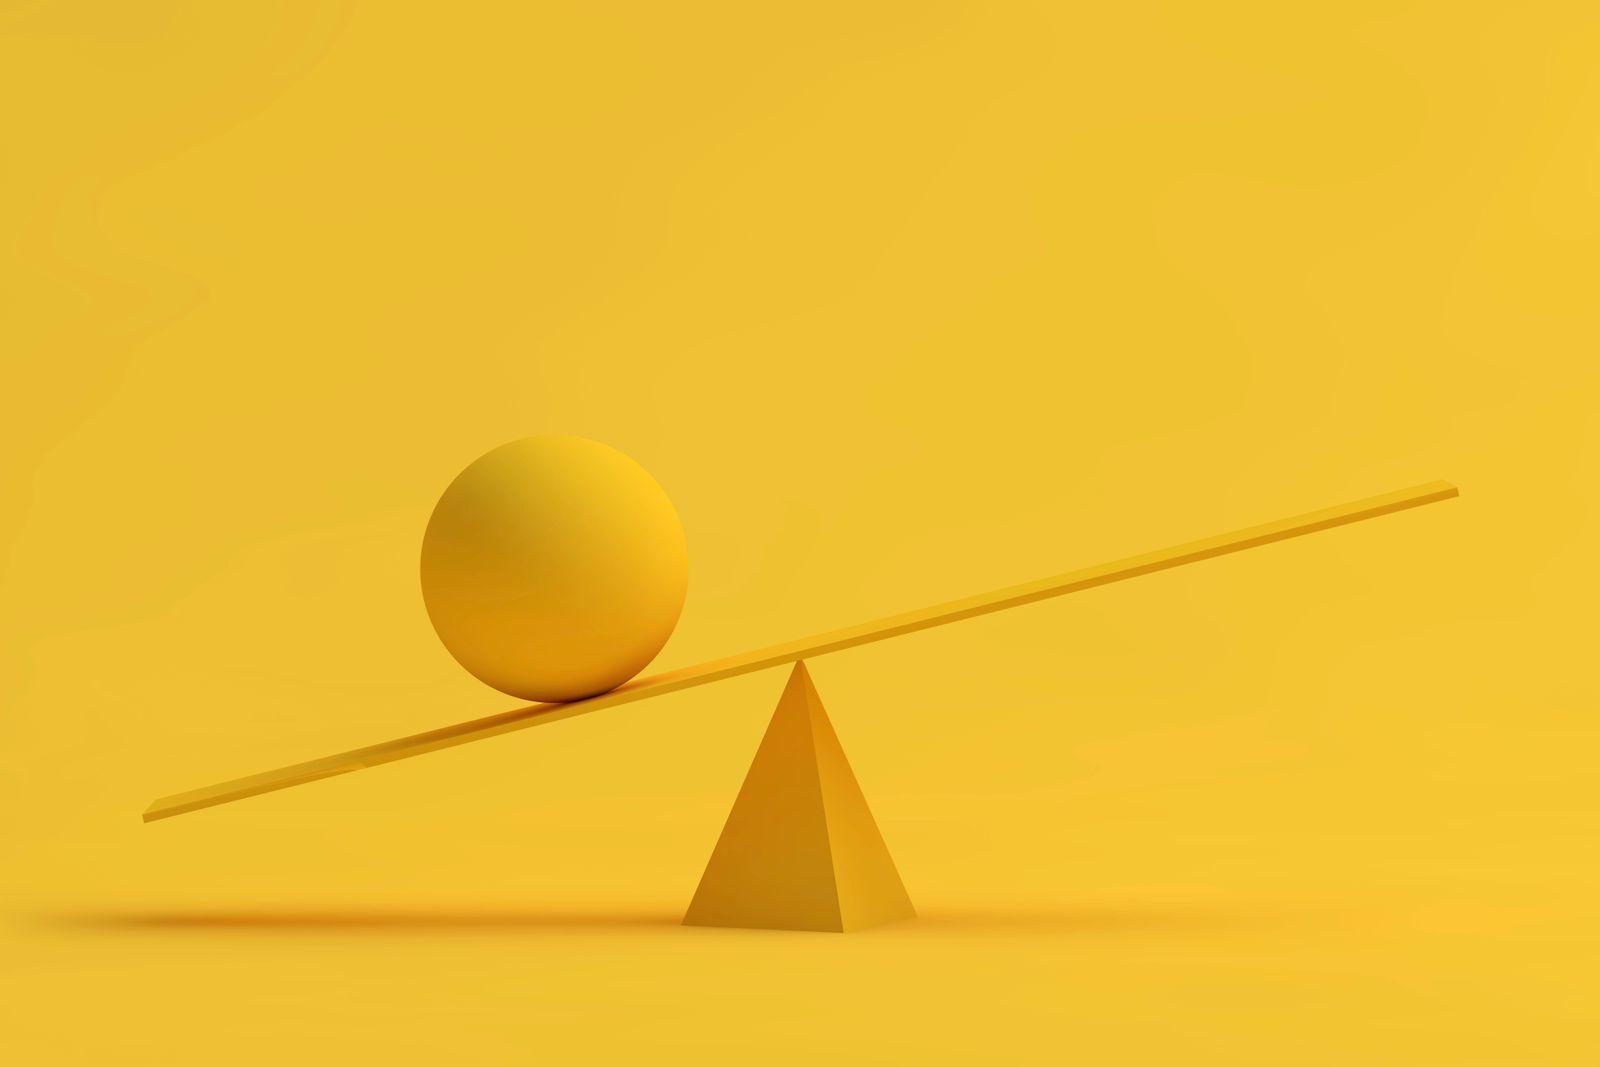 Several balancing geometric shapes